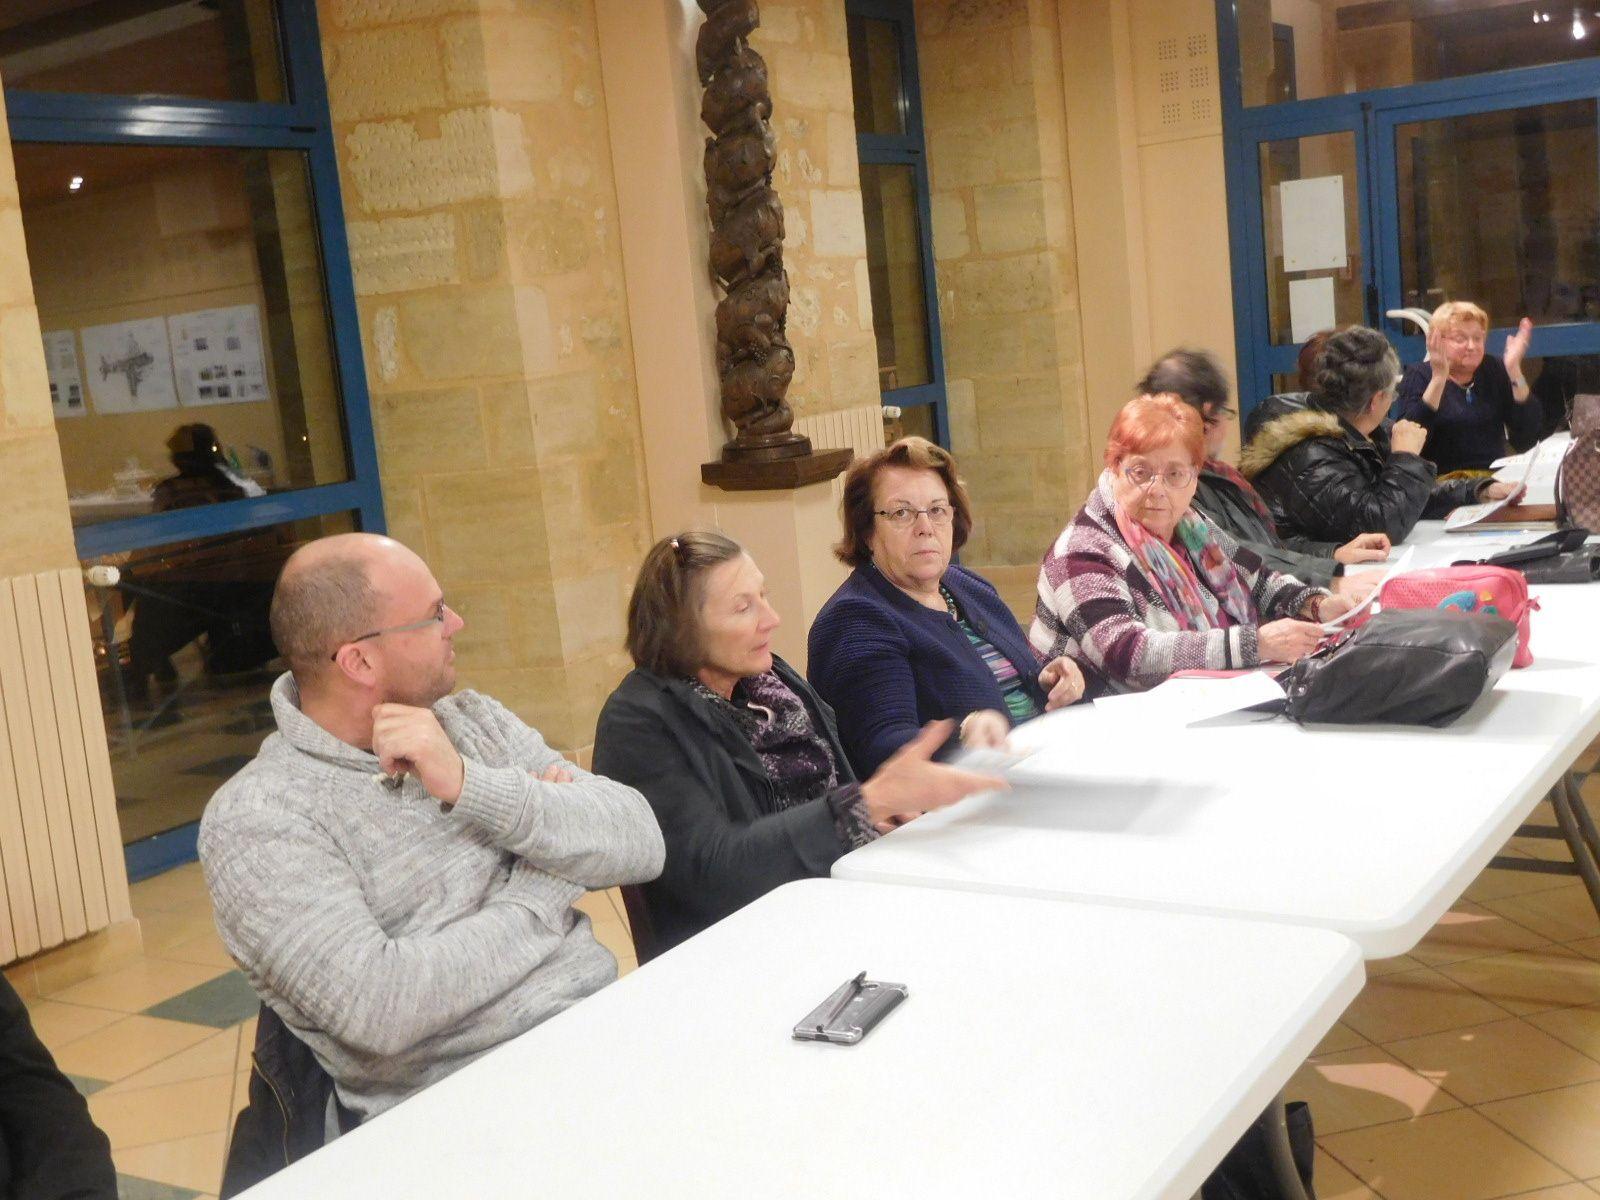 de gauche à droite: Nicolas Dussutour, agent territorial CD dordogne puis en troisième position Annie Sedan, Vice-Présidente du Conseil Départemental et Maire d'Excideuil, Paulette Boukhalo et Alain Vaugrenard, adjoints au Maire d'Excideuil, Martine Heim, Maire de St Jory-las-Bloux et Marianne  Lasternas, adjointe au Maire de Génis